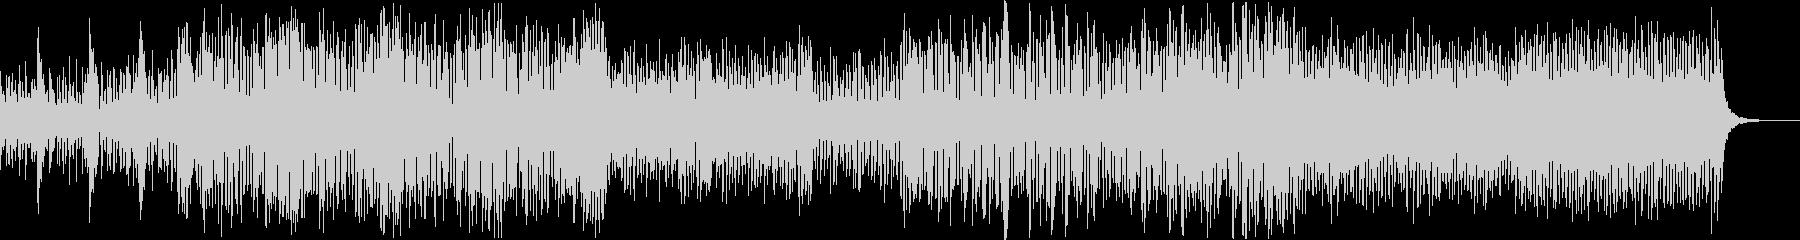 イントロ向けのコミカルなビッグバンドの未再生の波形